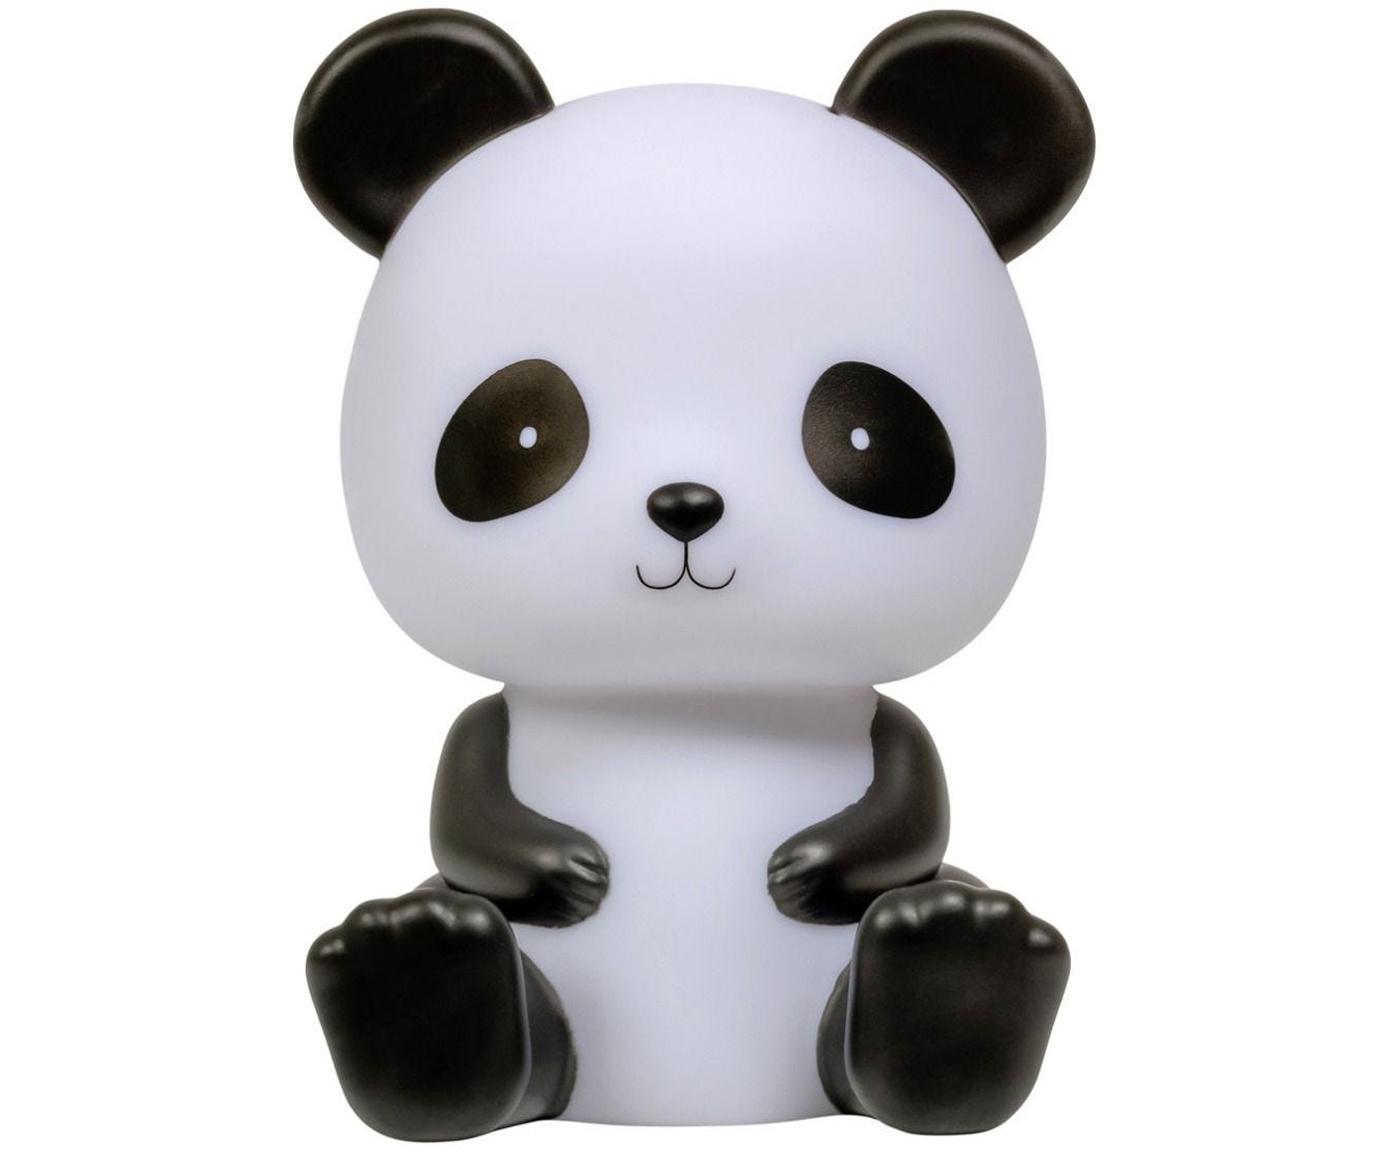 LED Leuchtobjekt Panda, Kunststoff, BPA-, Blei- und Phthalatefrei, Weiss, Schwarz, 12 x 19 cm